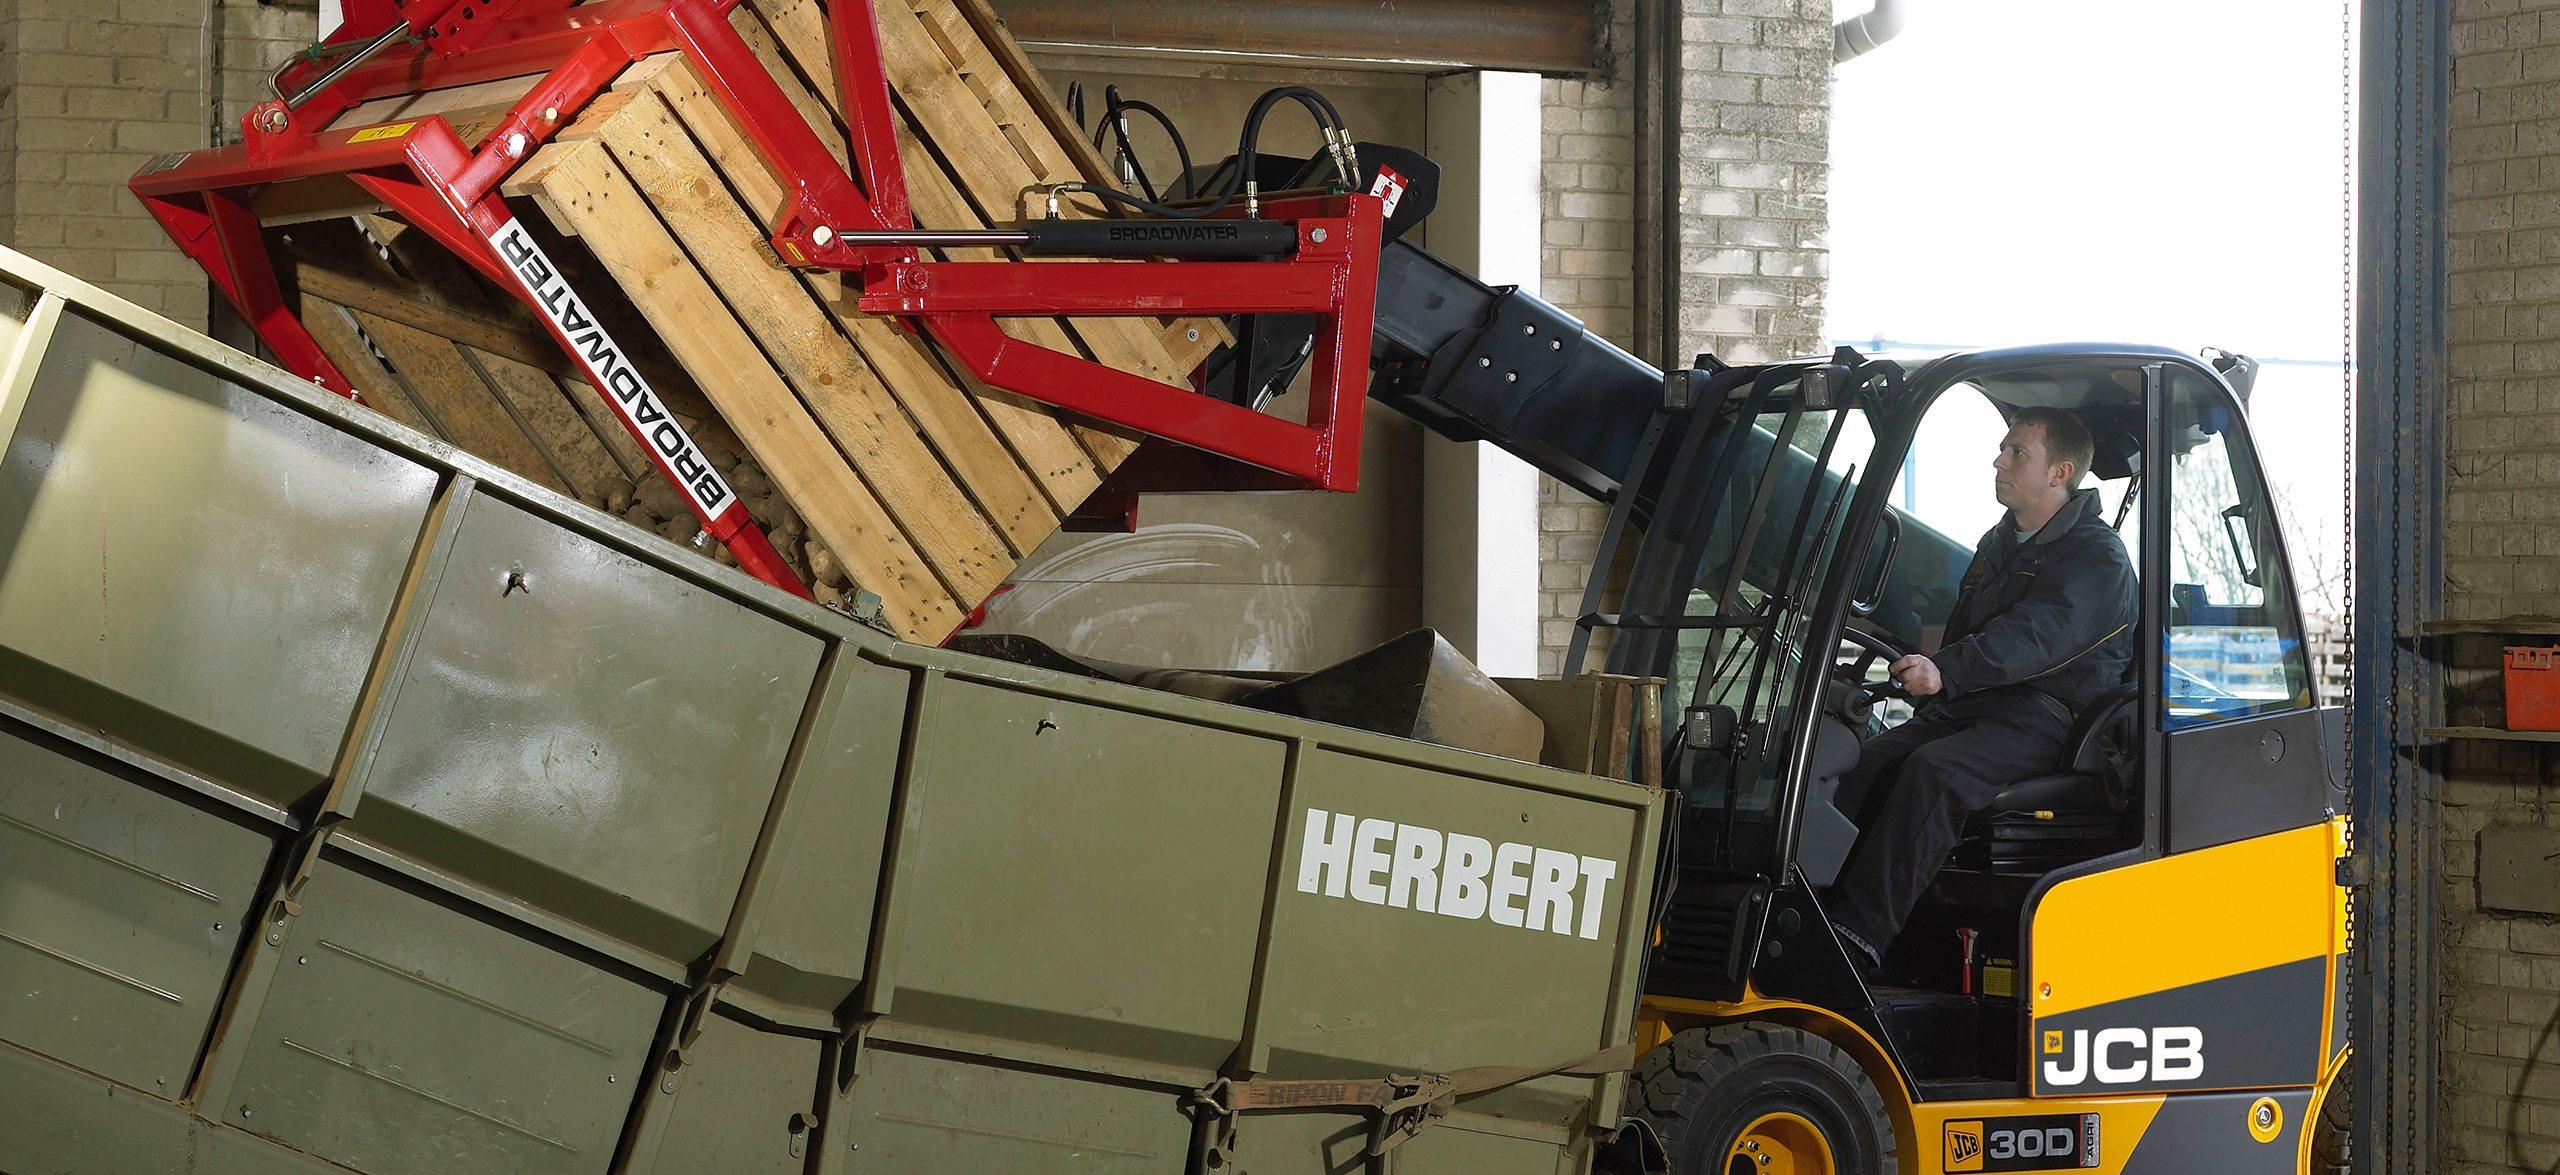 Landwirt leert mit dem JCB Teletruk den Inhalt einer Kiste in einen Container